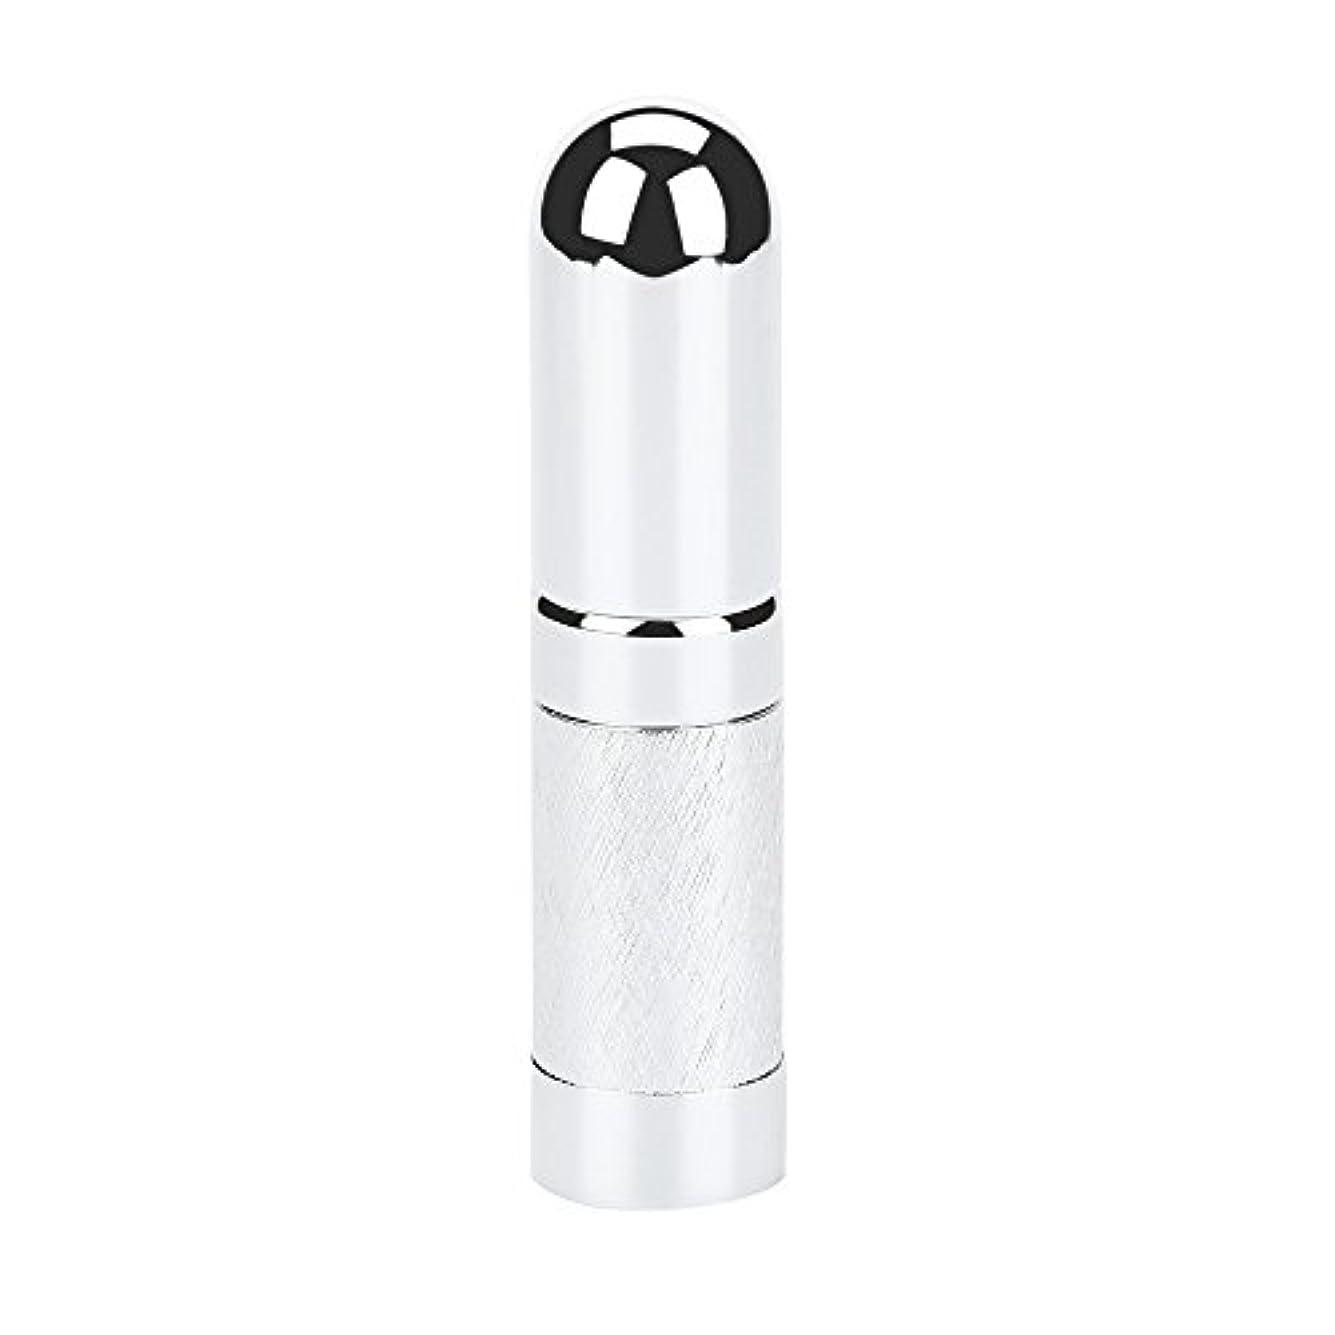 ライトニング品揃え失礼スプレーボトル 遮光 YOKINO アトマイザ- 詰め替え ポータブル クイック 香水噴霧器 携帯用 詰め替え容器 香水用 ワンタッチ補充 香水スプレー パフューム  プシュ式 6ml (シルバー)